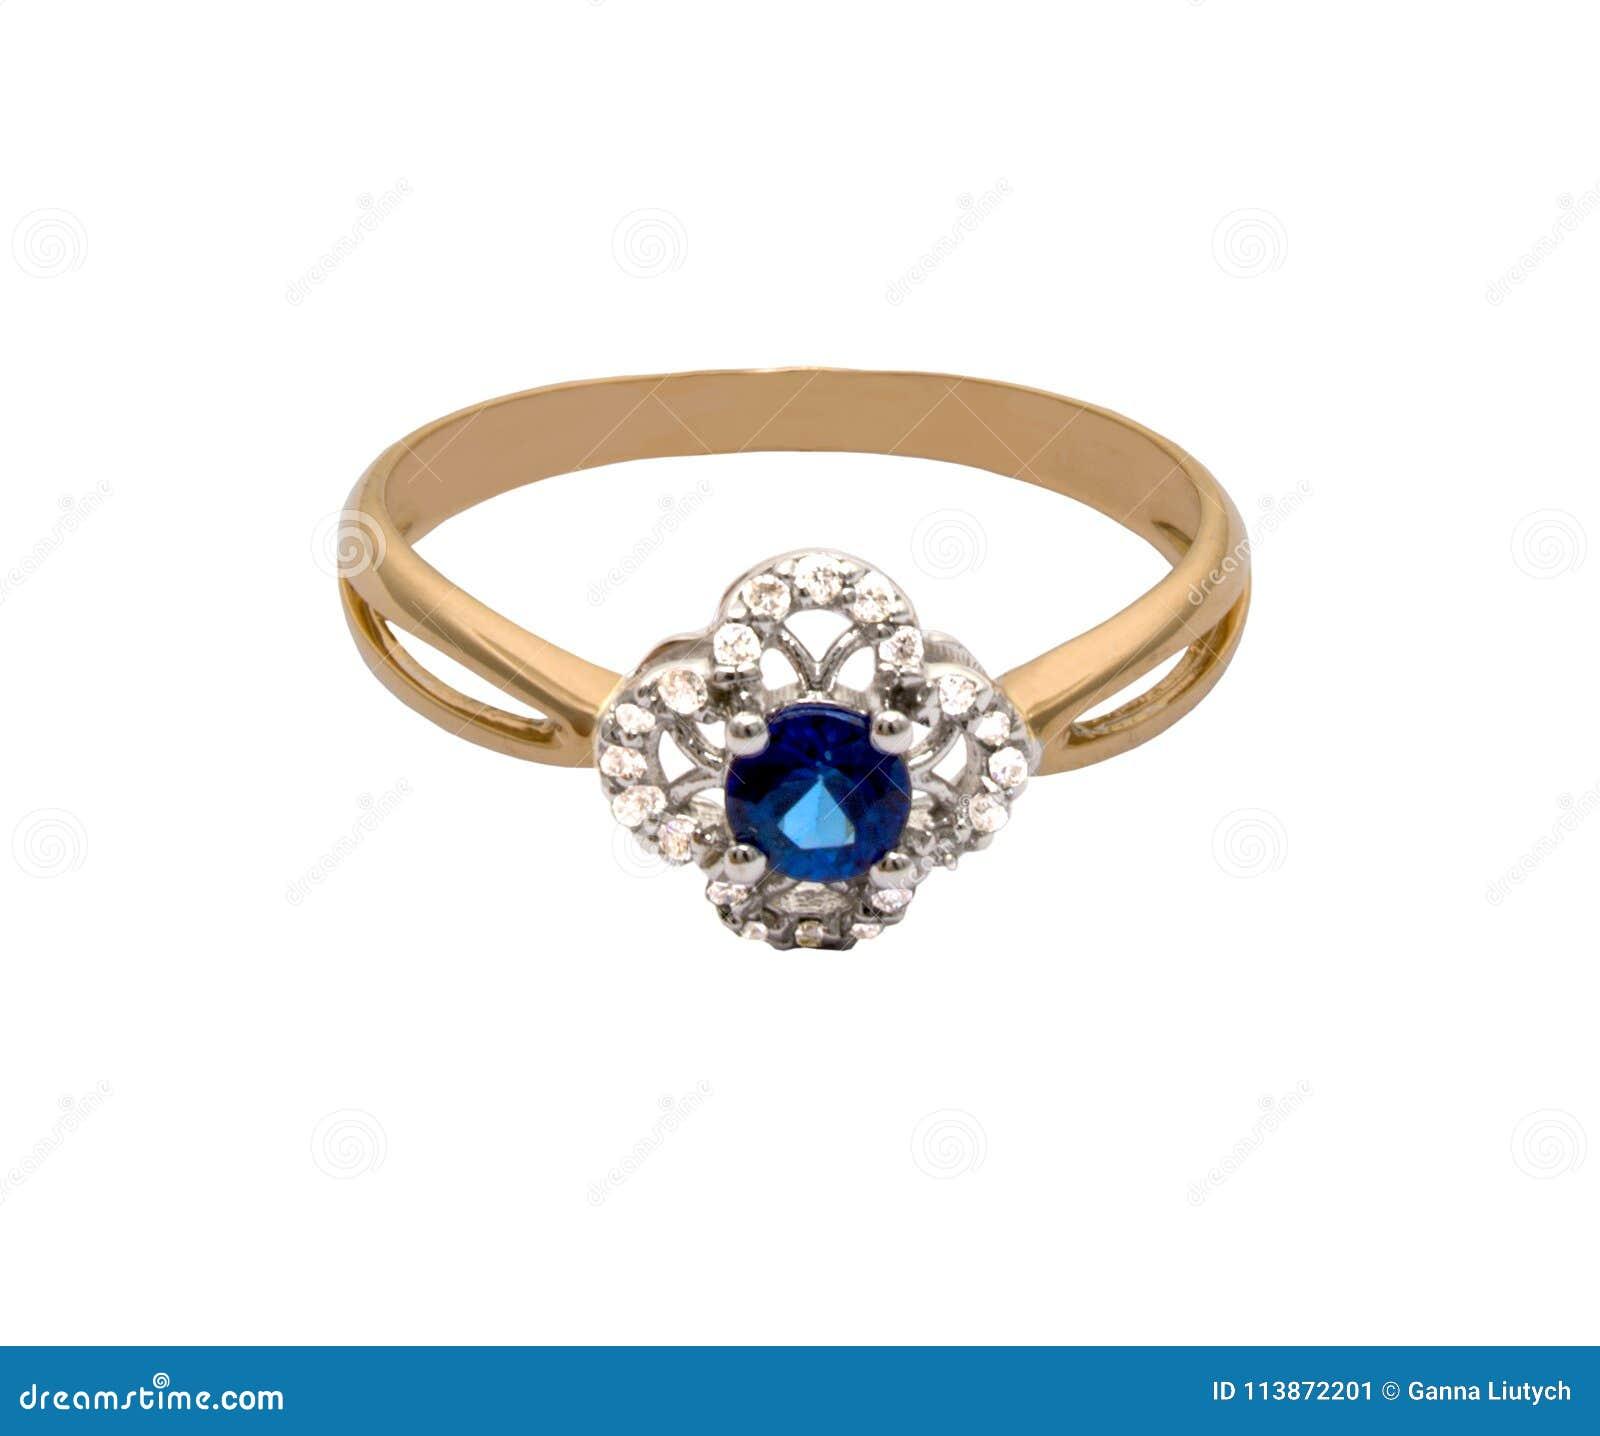 Atractivo Anillo De Diamantes Para Colorear Ornamento - Dibujos Para ...